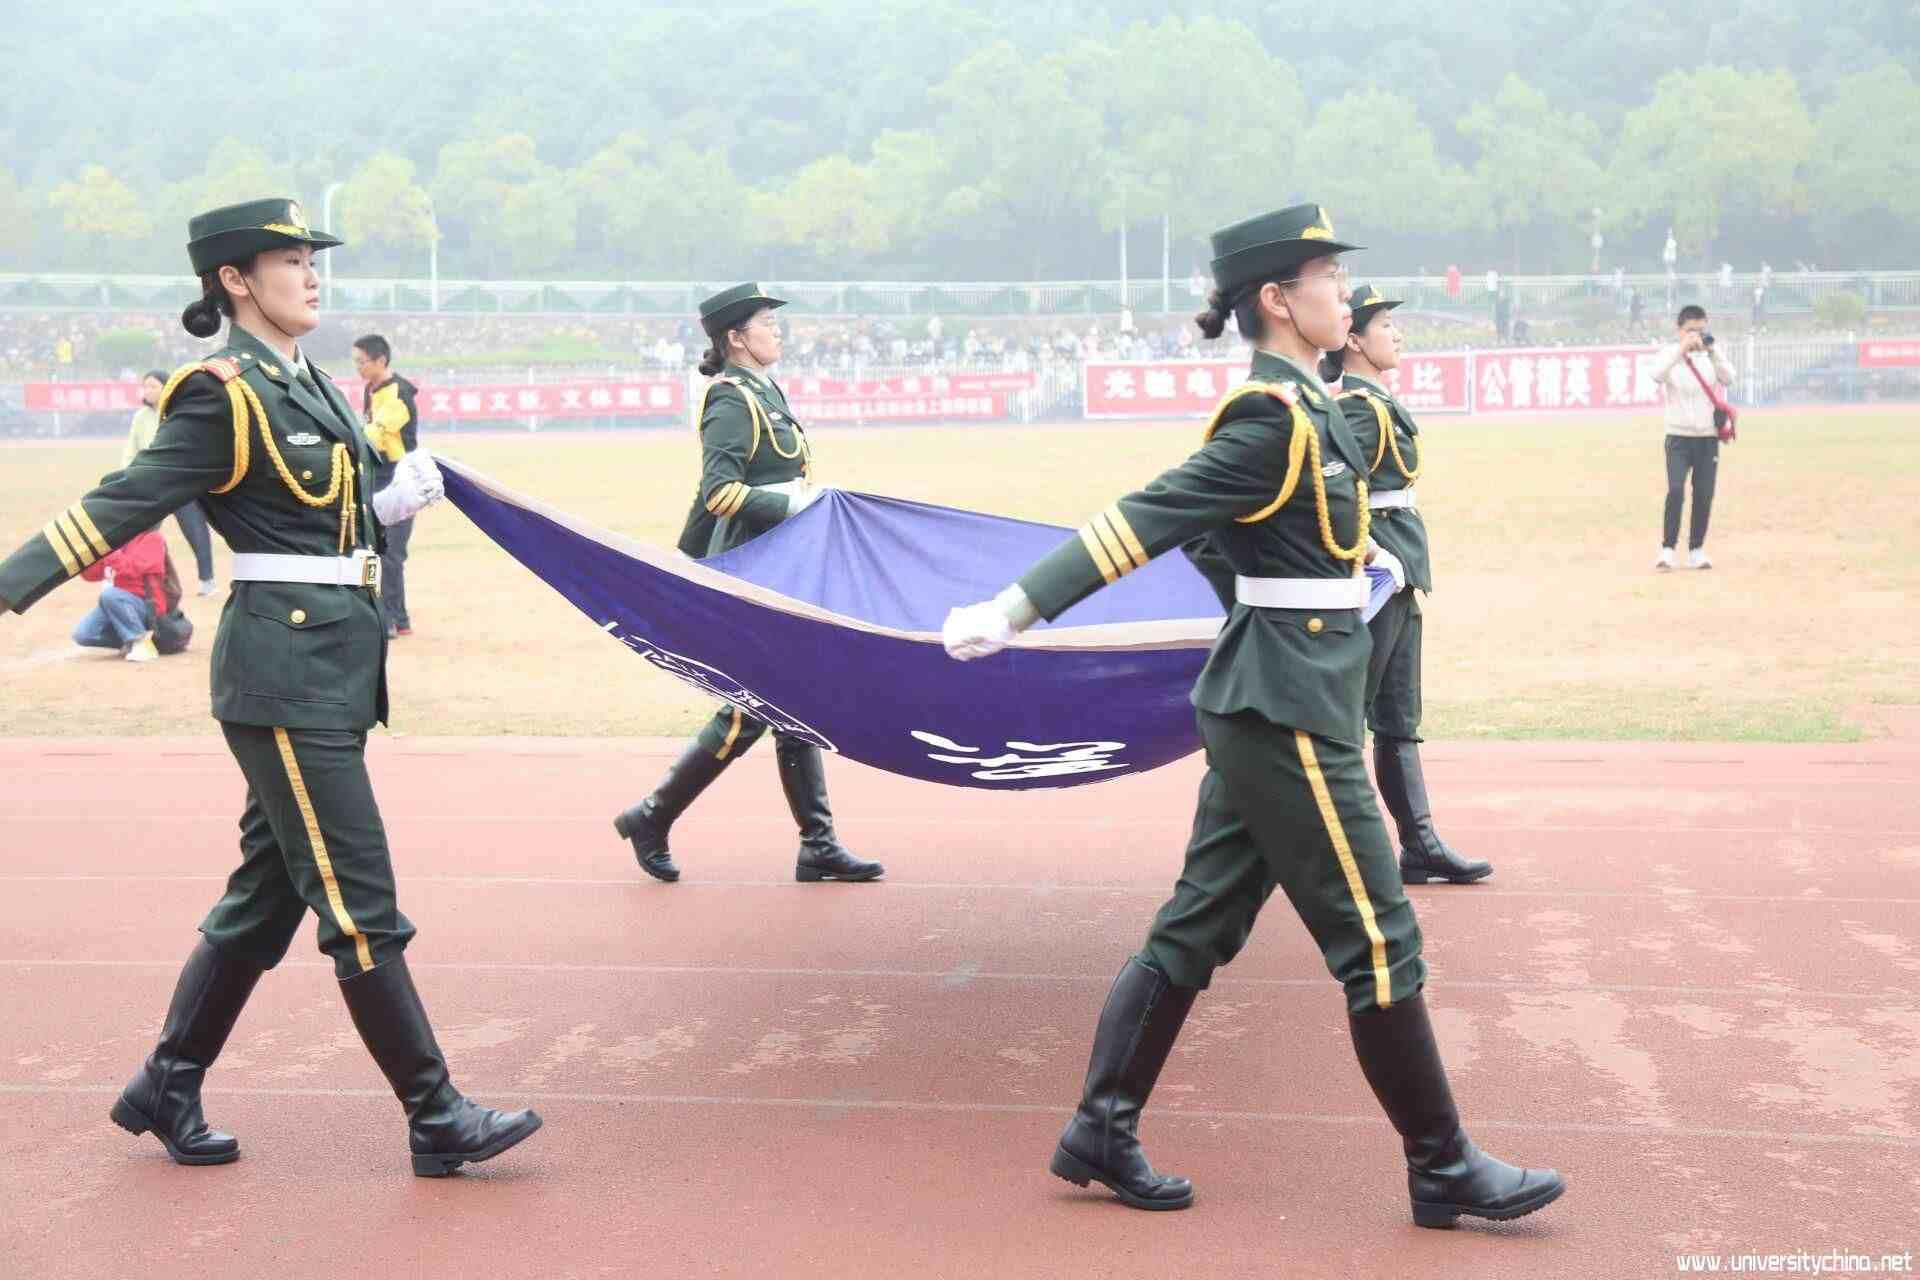 湘潭大学第四十届校运会开幕式:激扬青春,砥砺奋进